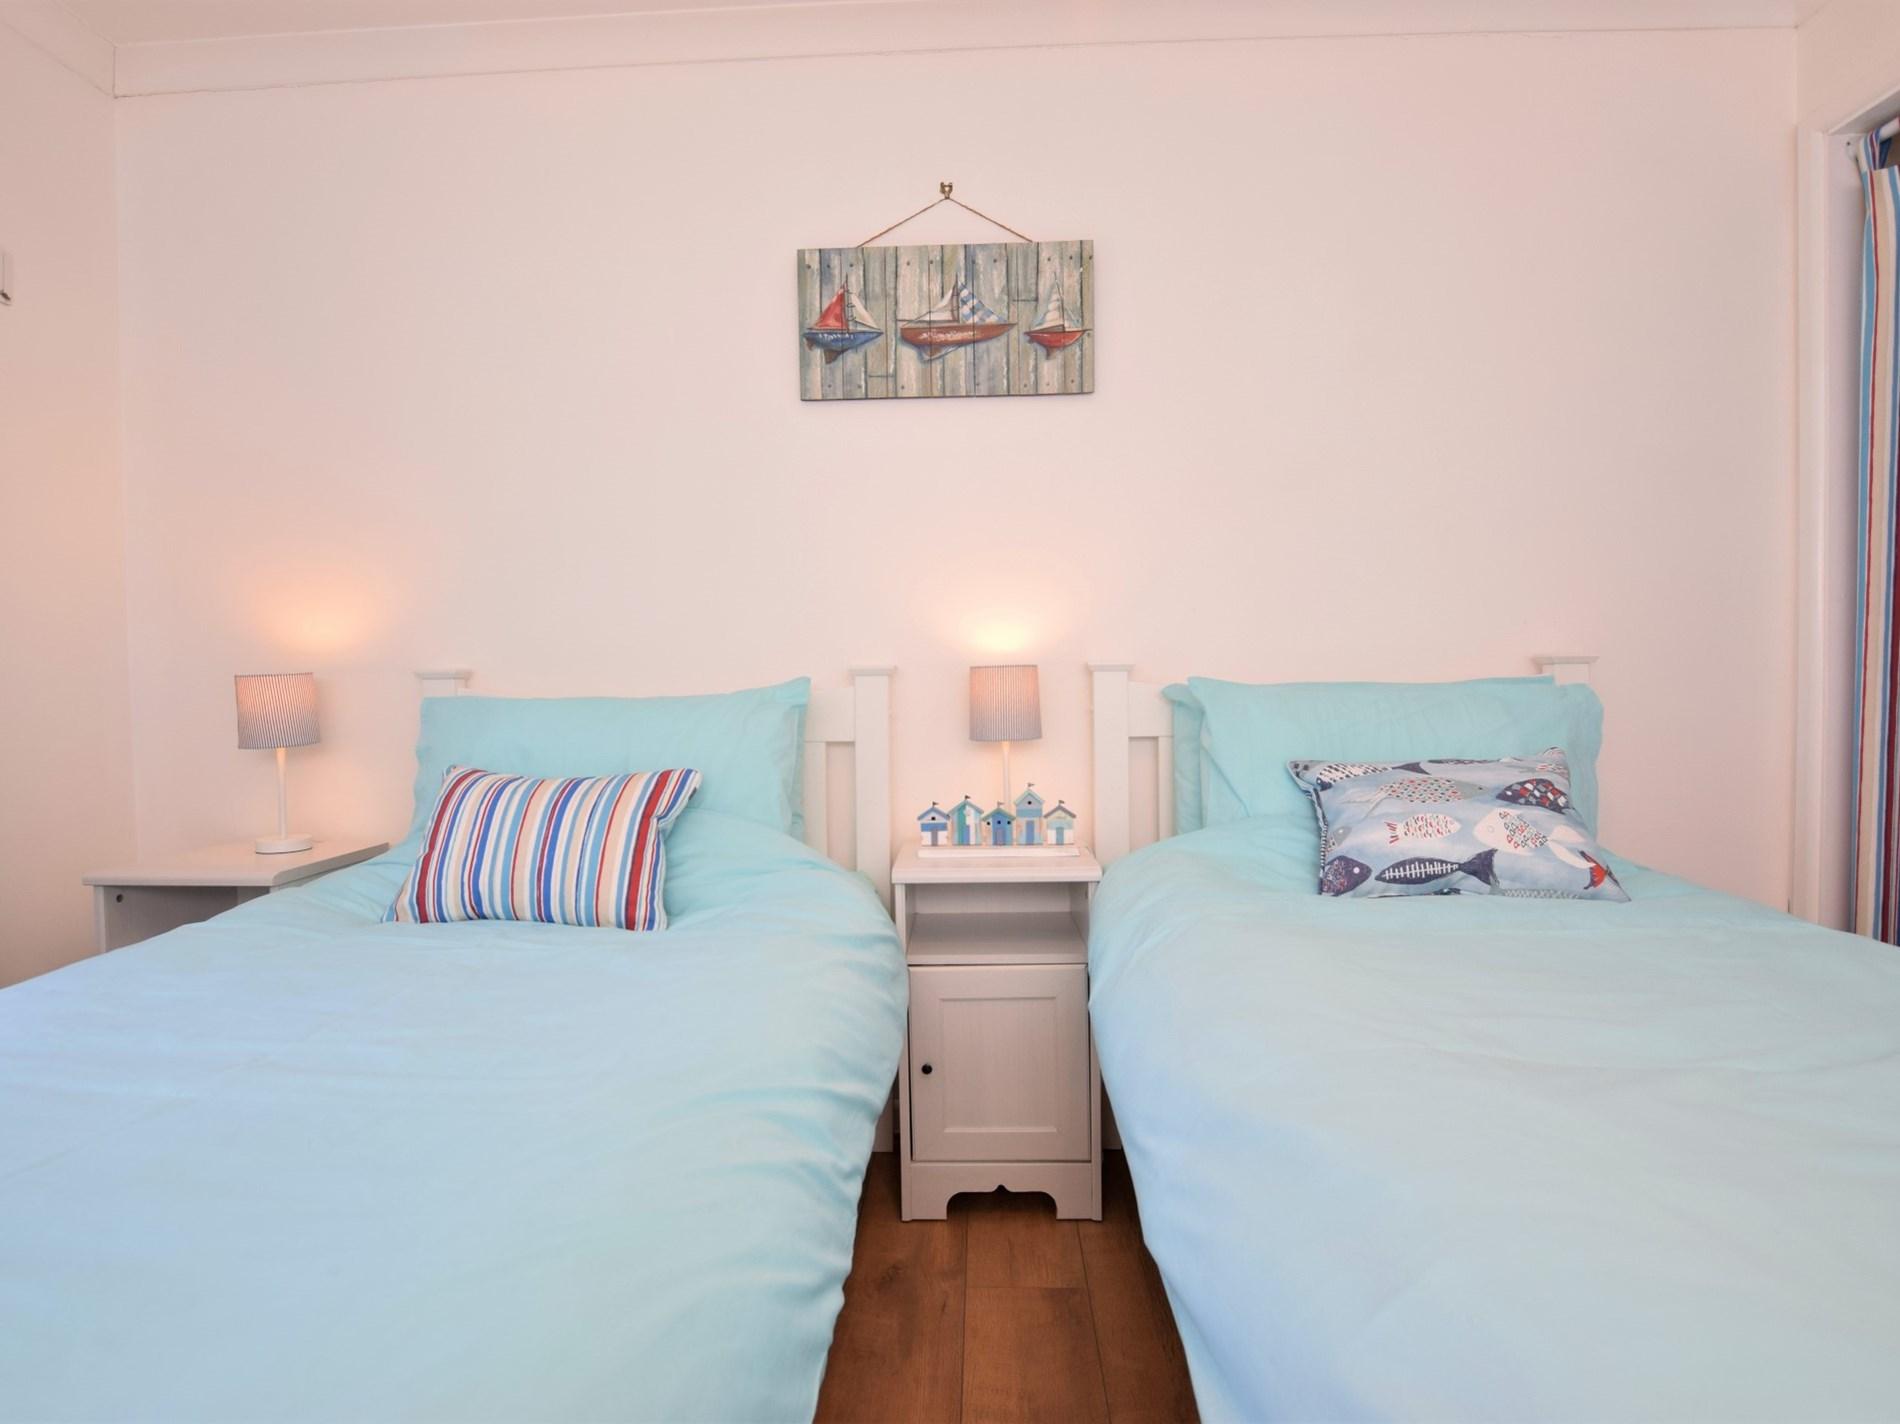 2 Bedroom Bungalow in North Devon, Devon